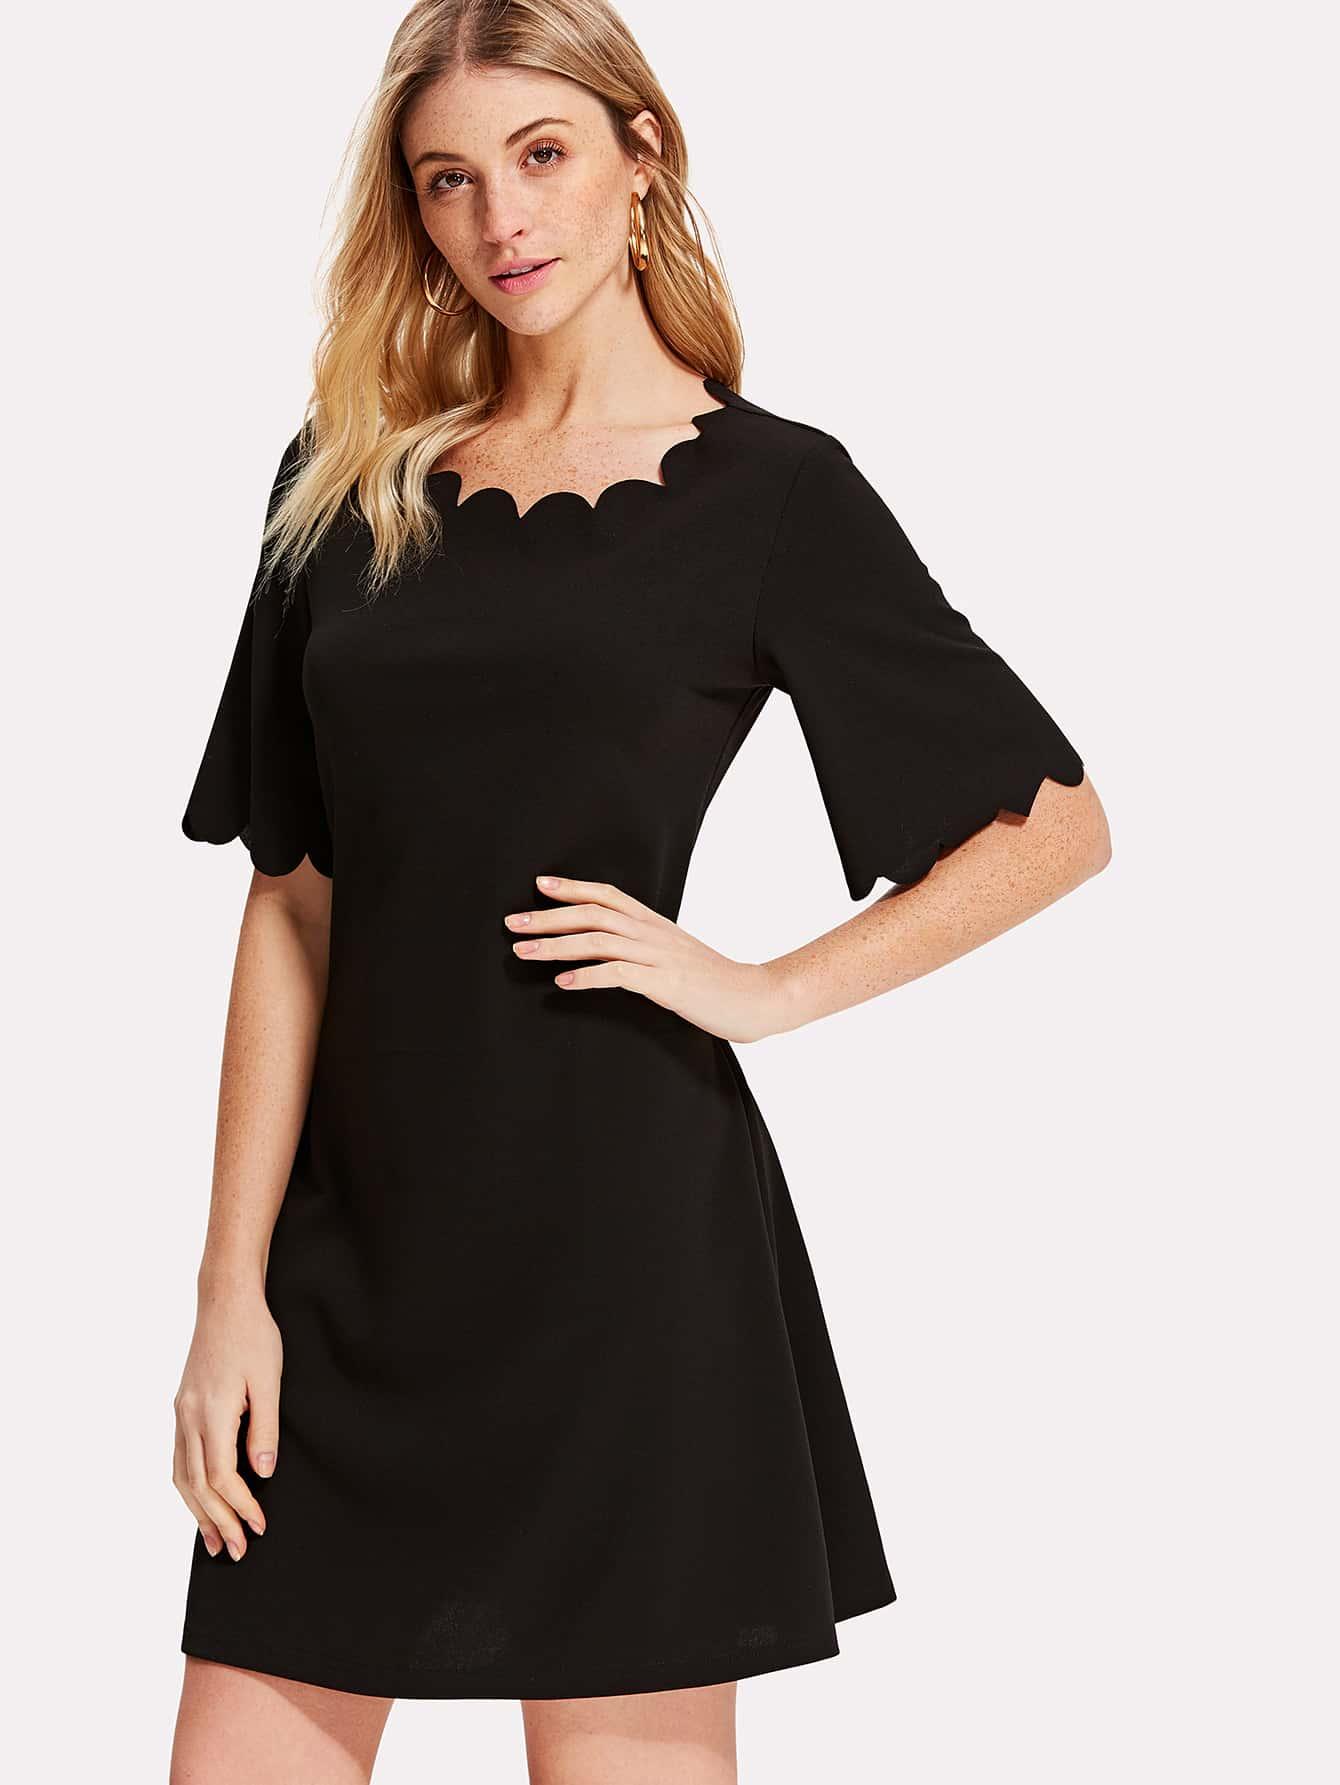 Scallop Trim Flutter Sleeve Solid Dress contrast scallop trim balloon sleeve shirt